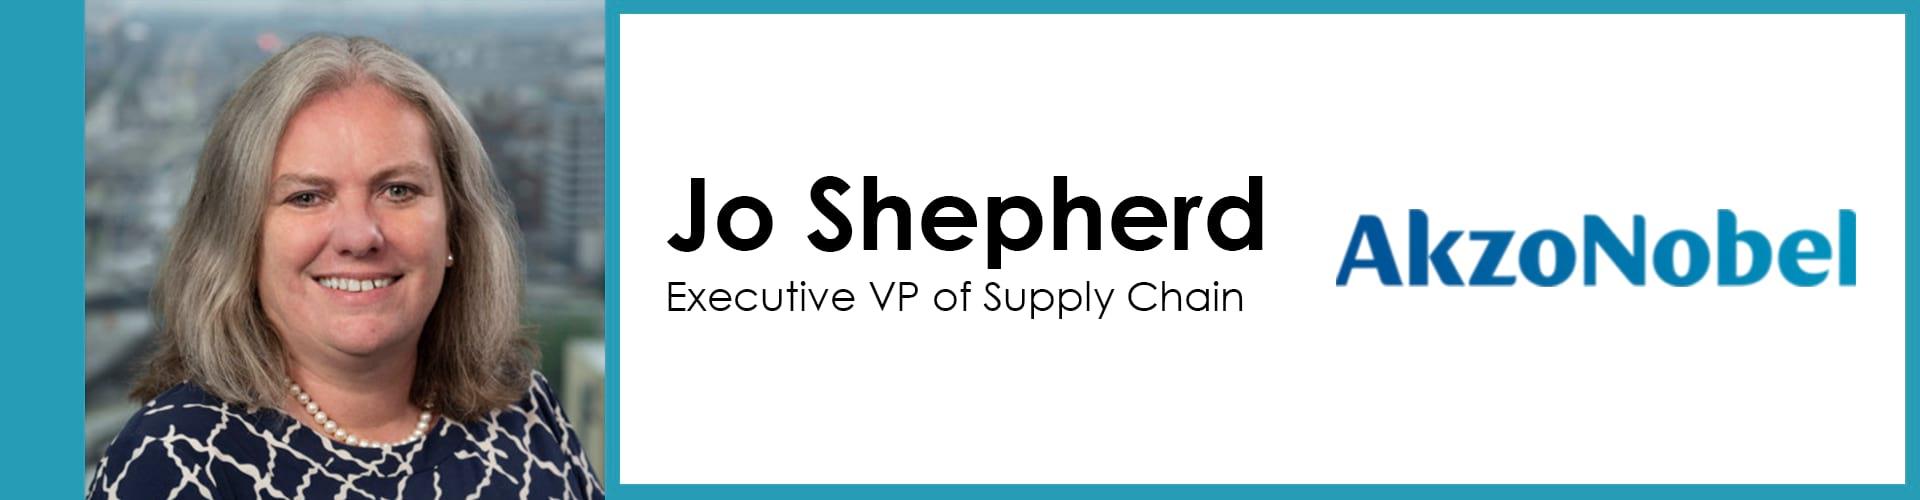 women-in-supply-chain-title-jo